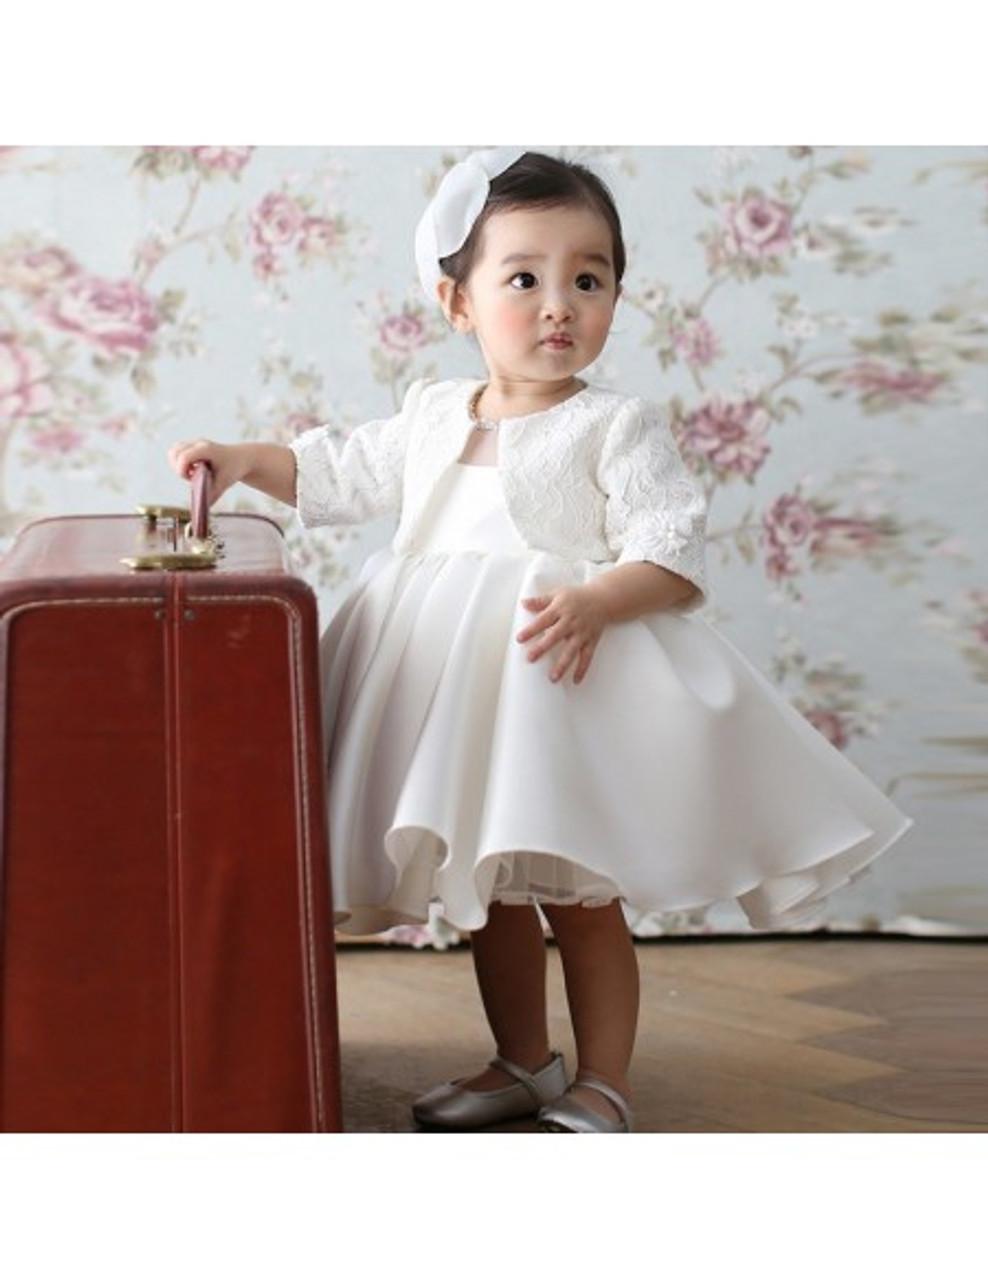 Baby Toddler White Princess Flower Girl Dress